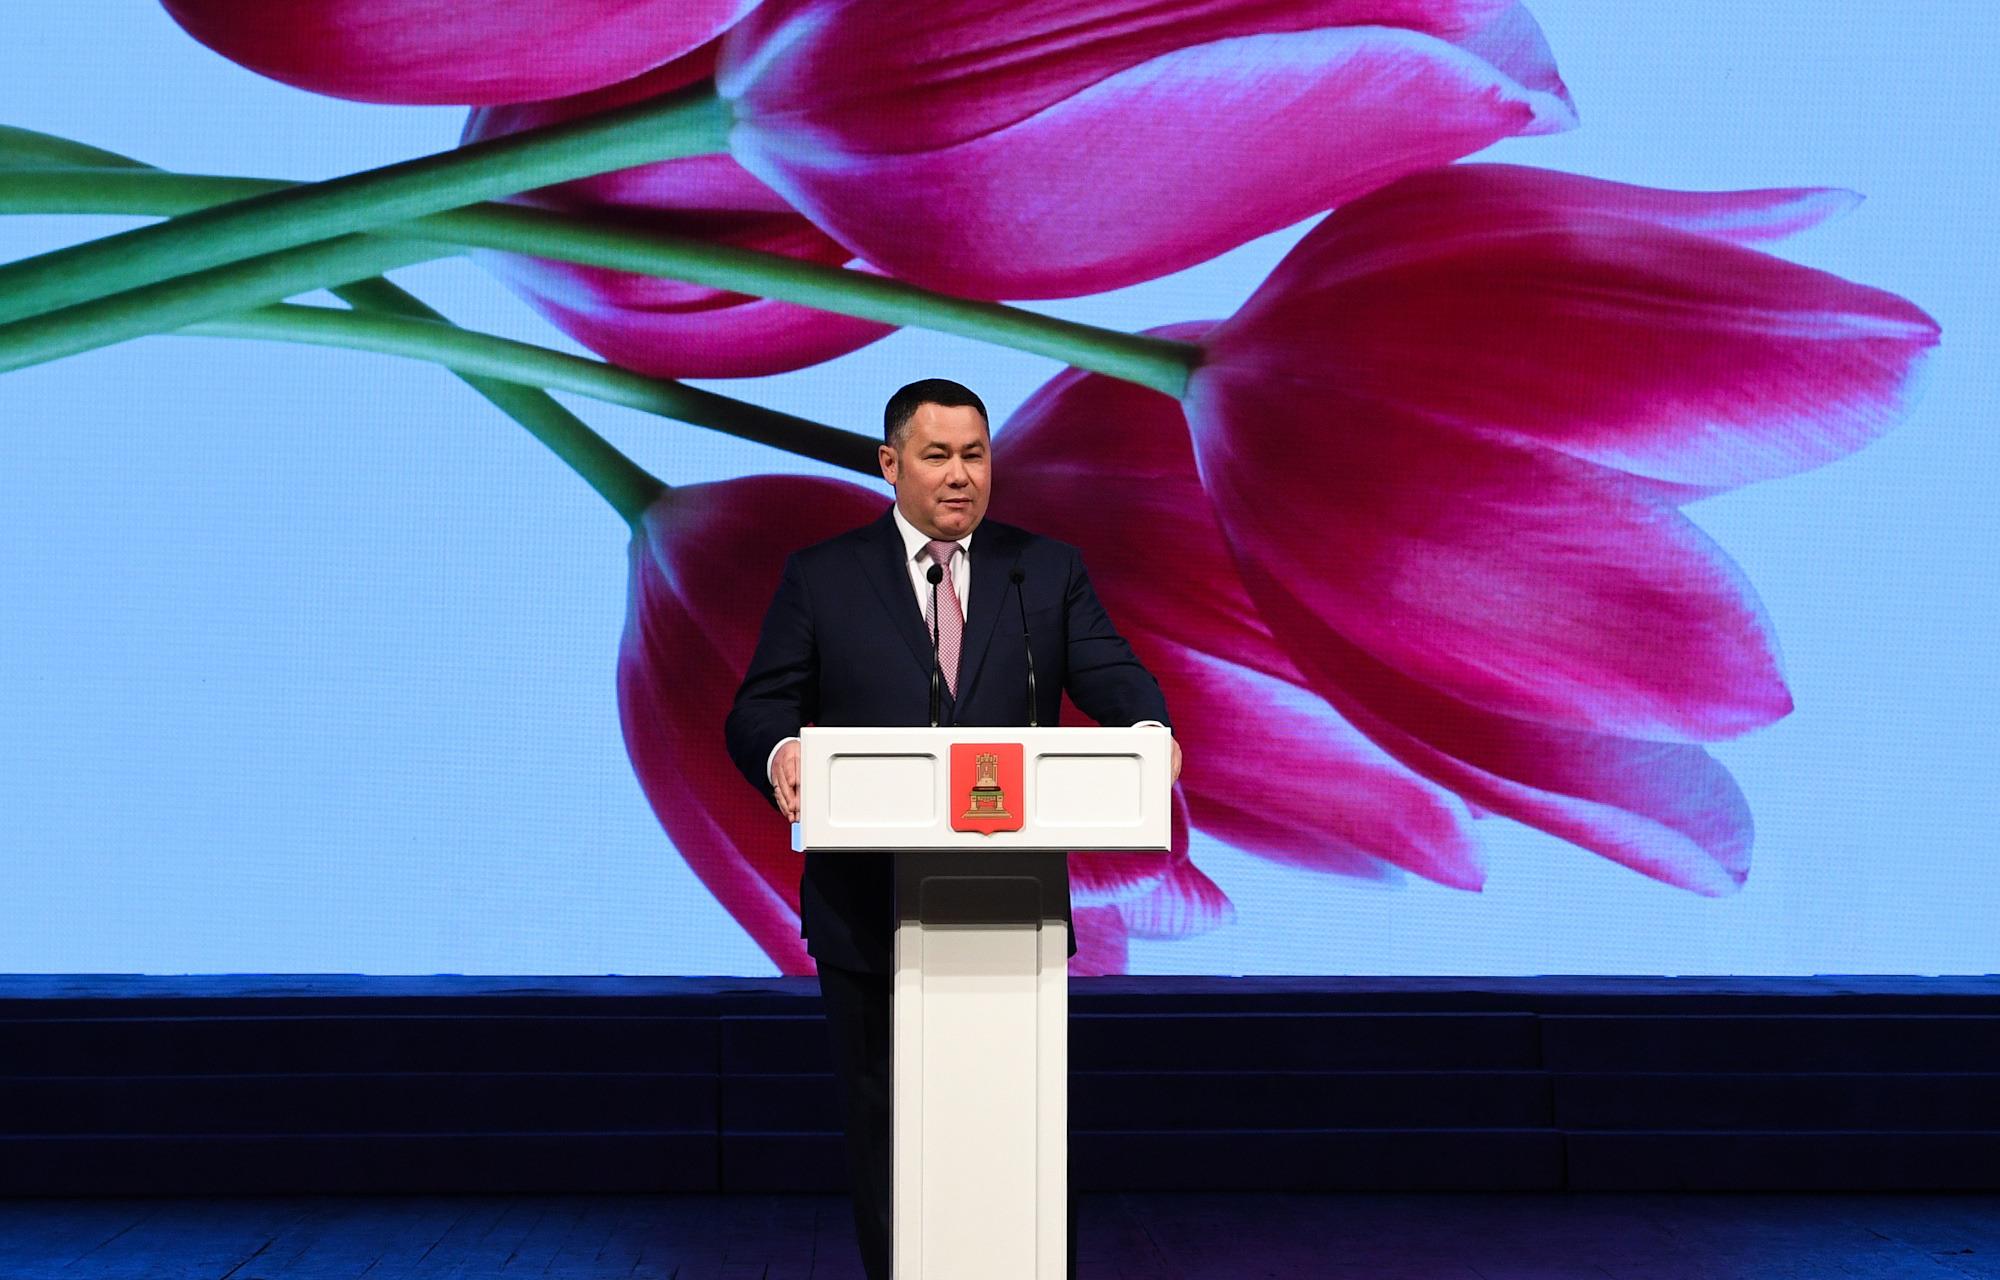 Губернатор Игорь Руденя поздравил женщин с 8 марта